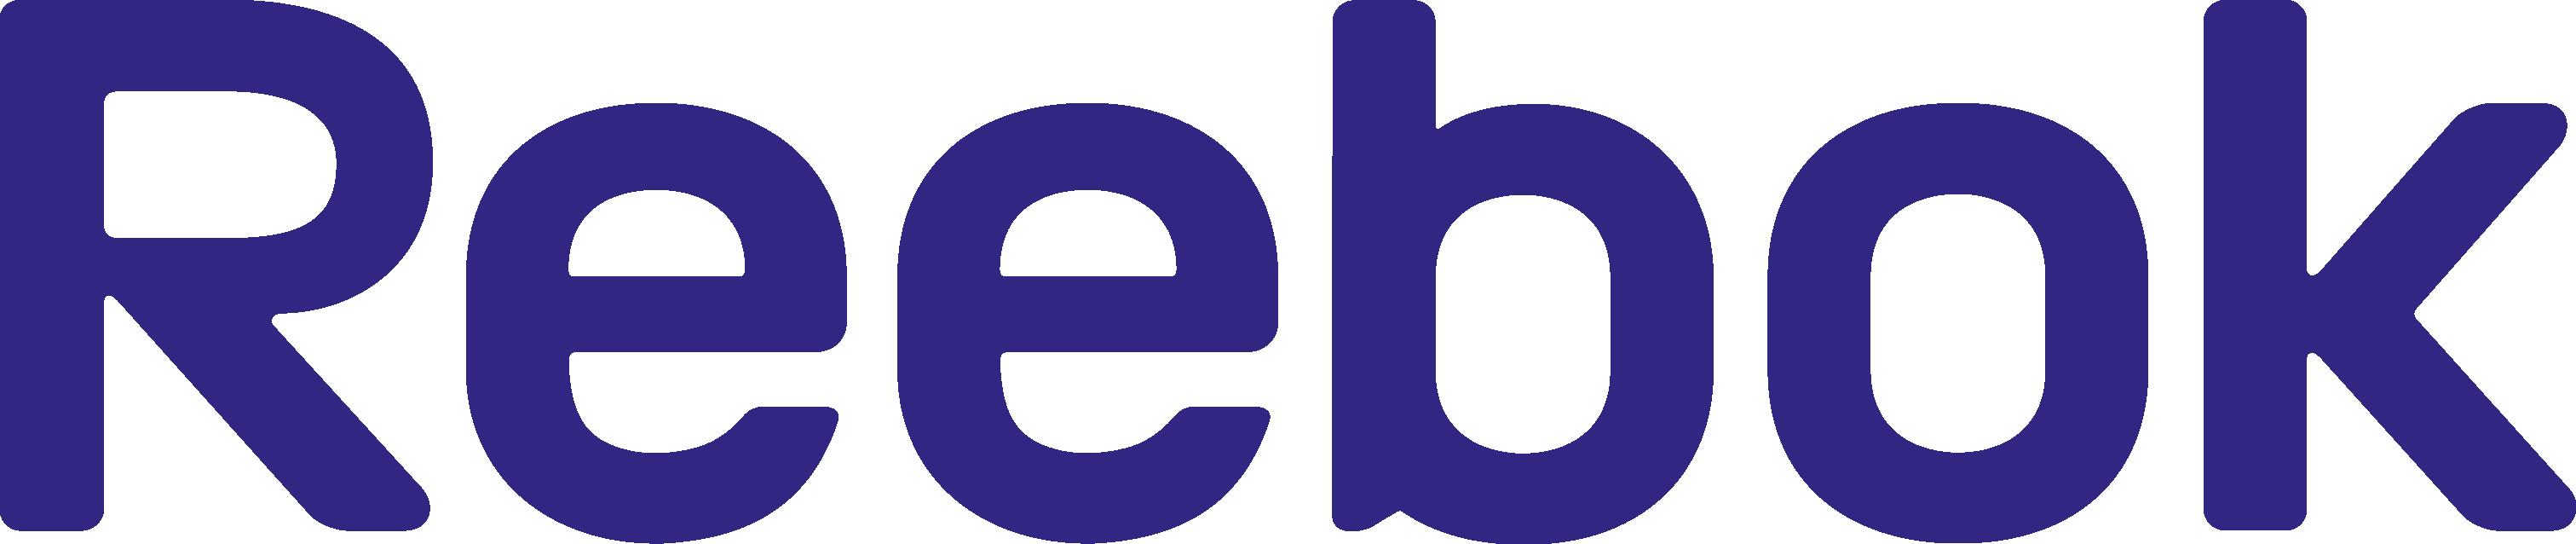 Reebok Logo Transparent Background - Reebok Logo PNG